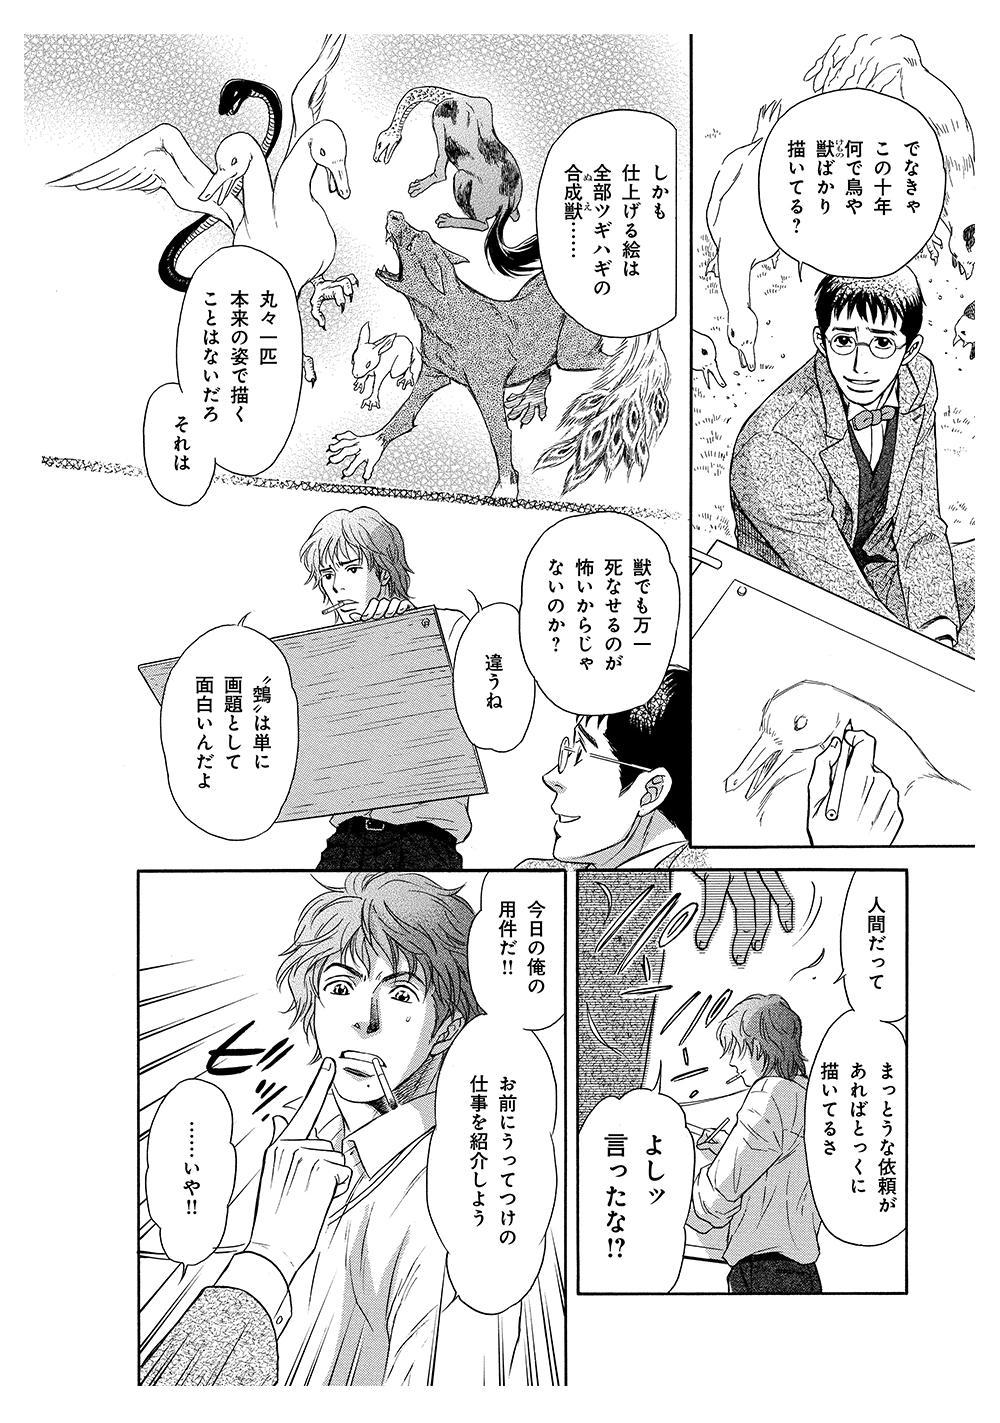 鵼の絵師 第1話「鵼の絵師」①nue-1-06.jpg